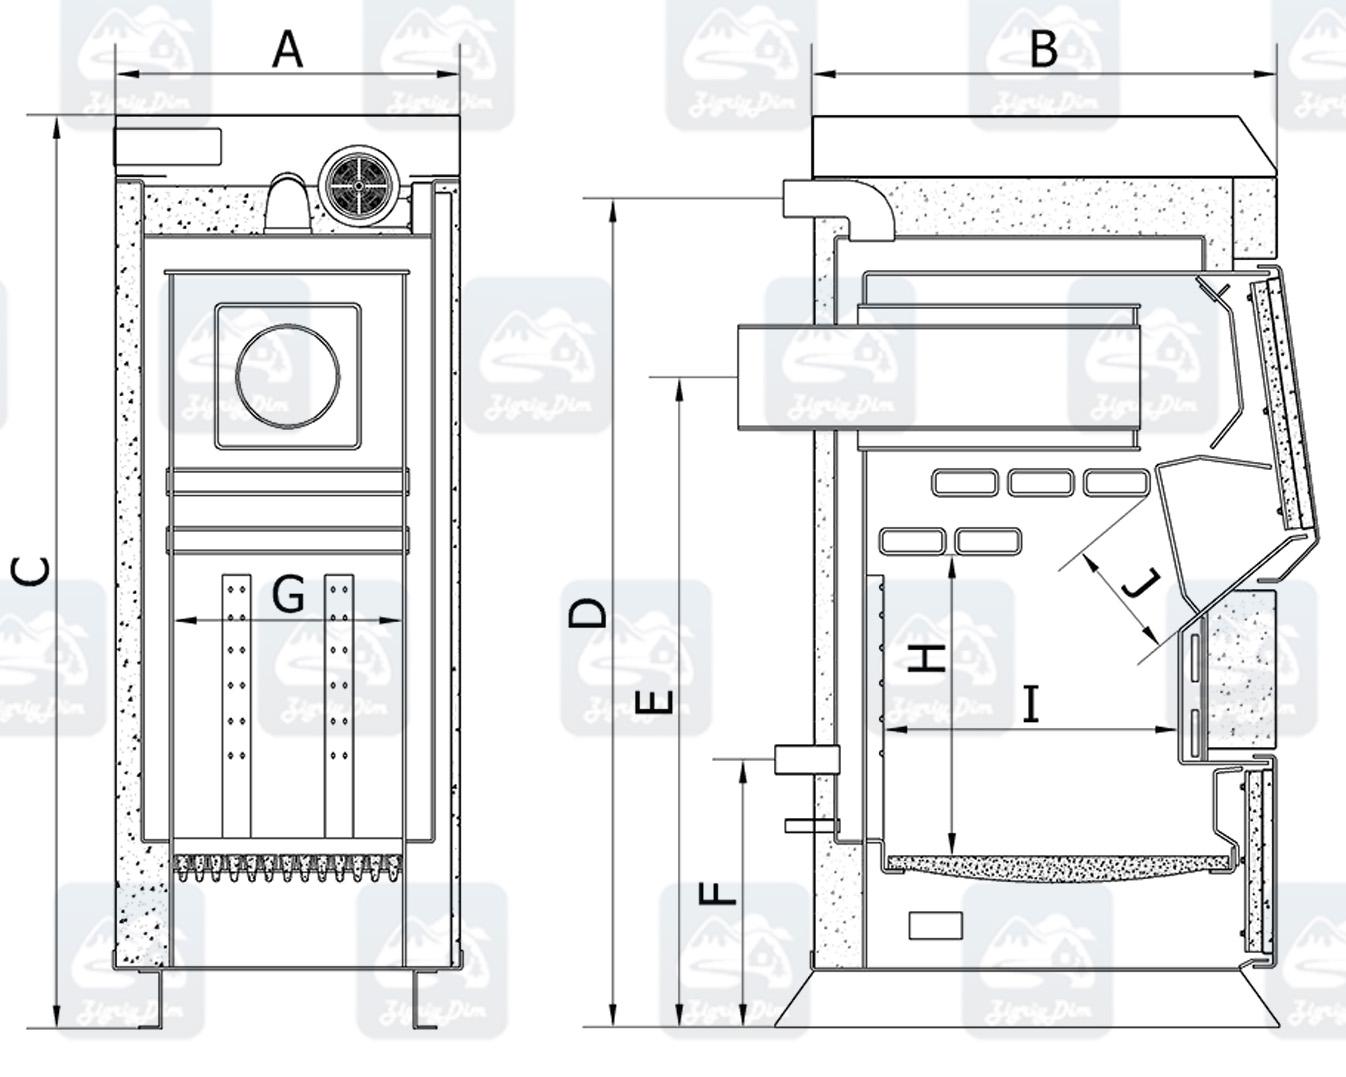 Габаритные размеры твердотопливного котла на дровах и угле Heiztechnik HT Plus